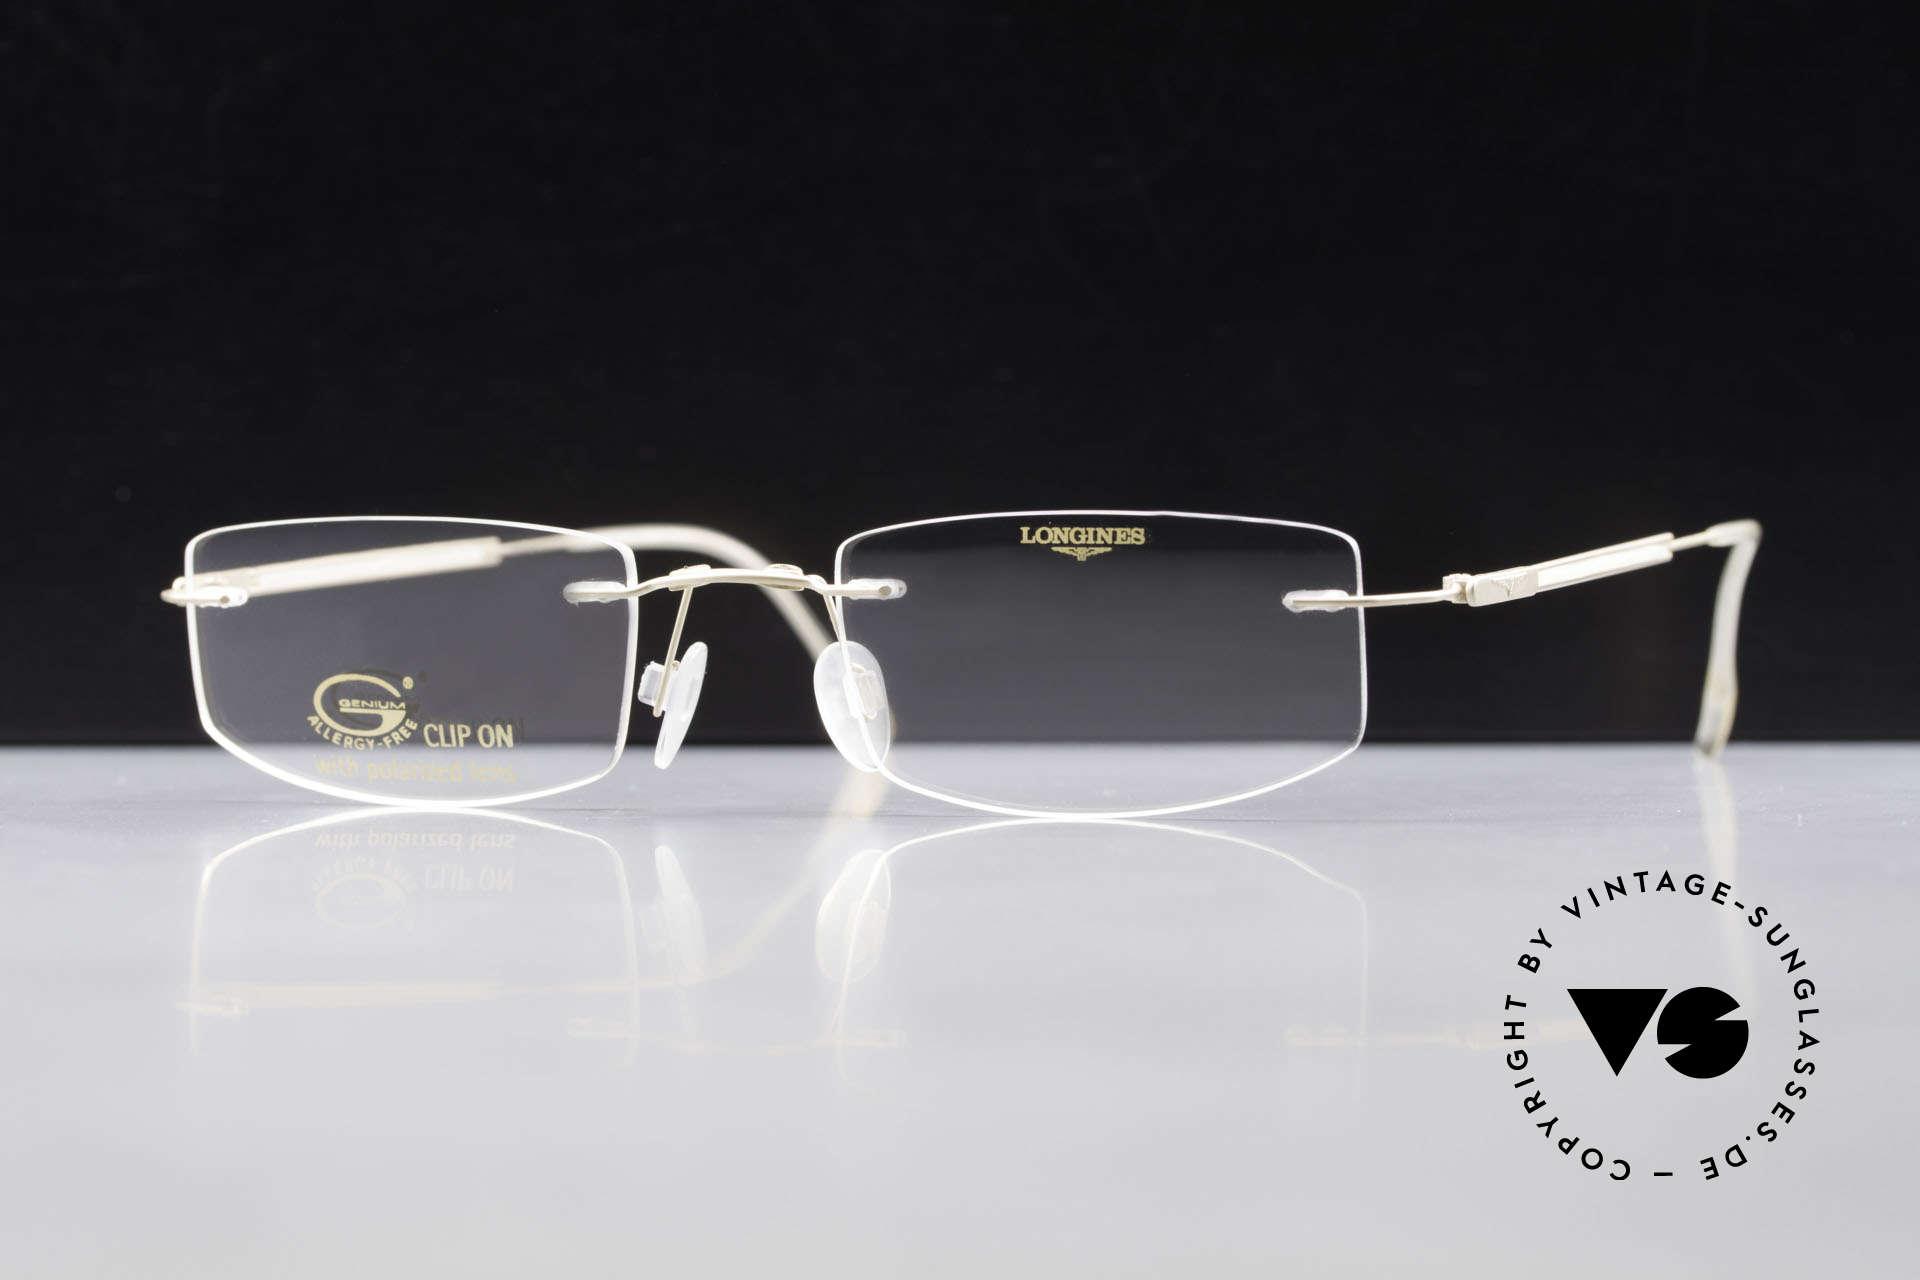 Longines 4378 Polarisierende Randlosbrille, Sonnen-Clip mit POLARisierenden Gläsern (100% UV), Passend für Herren und Damen